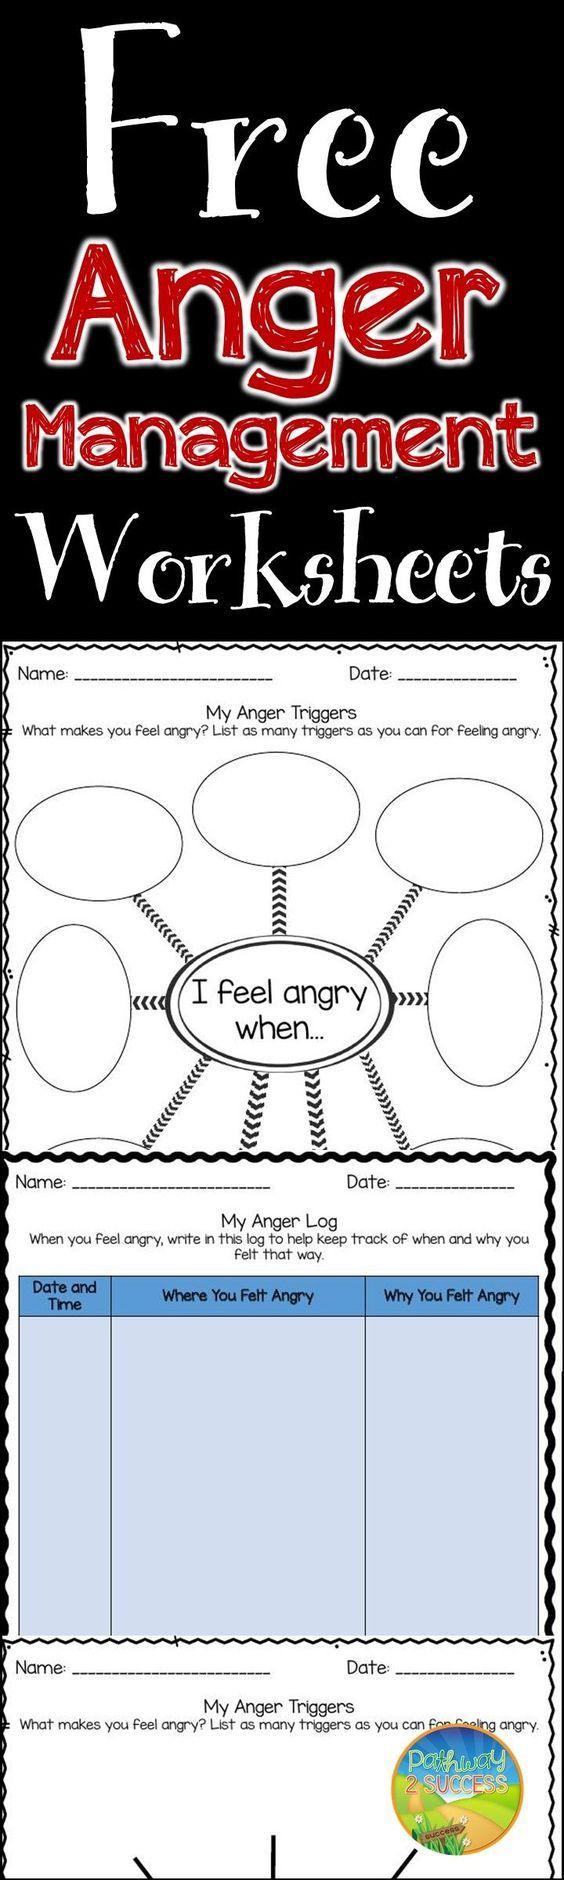 Worksheets Anger Management Worksheets free worksheets for anger management skills rt pinterest skills